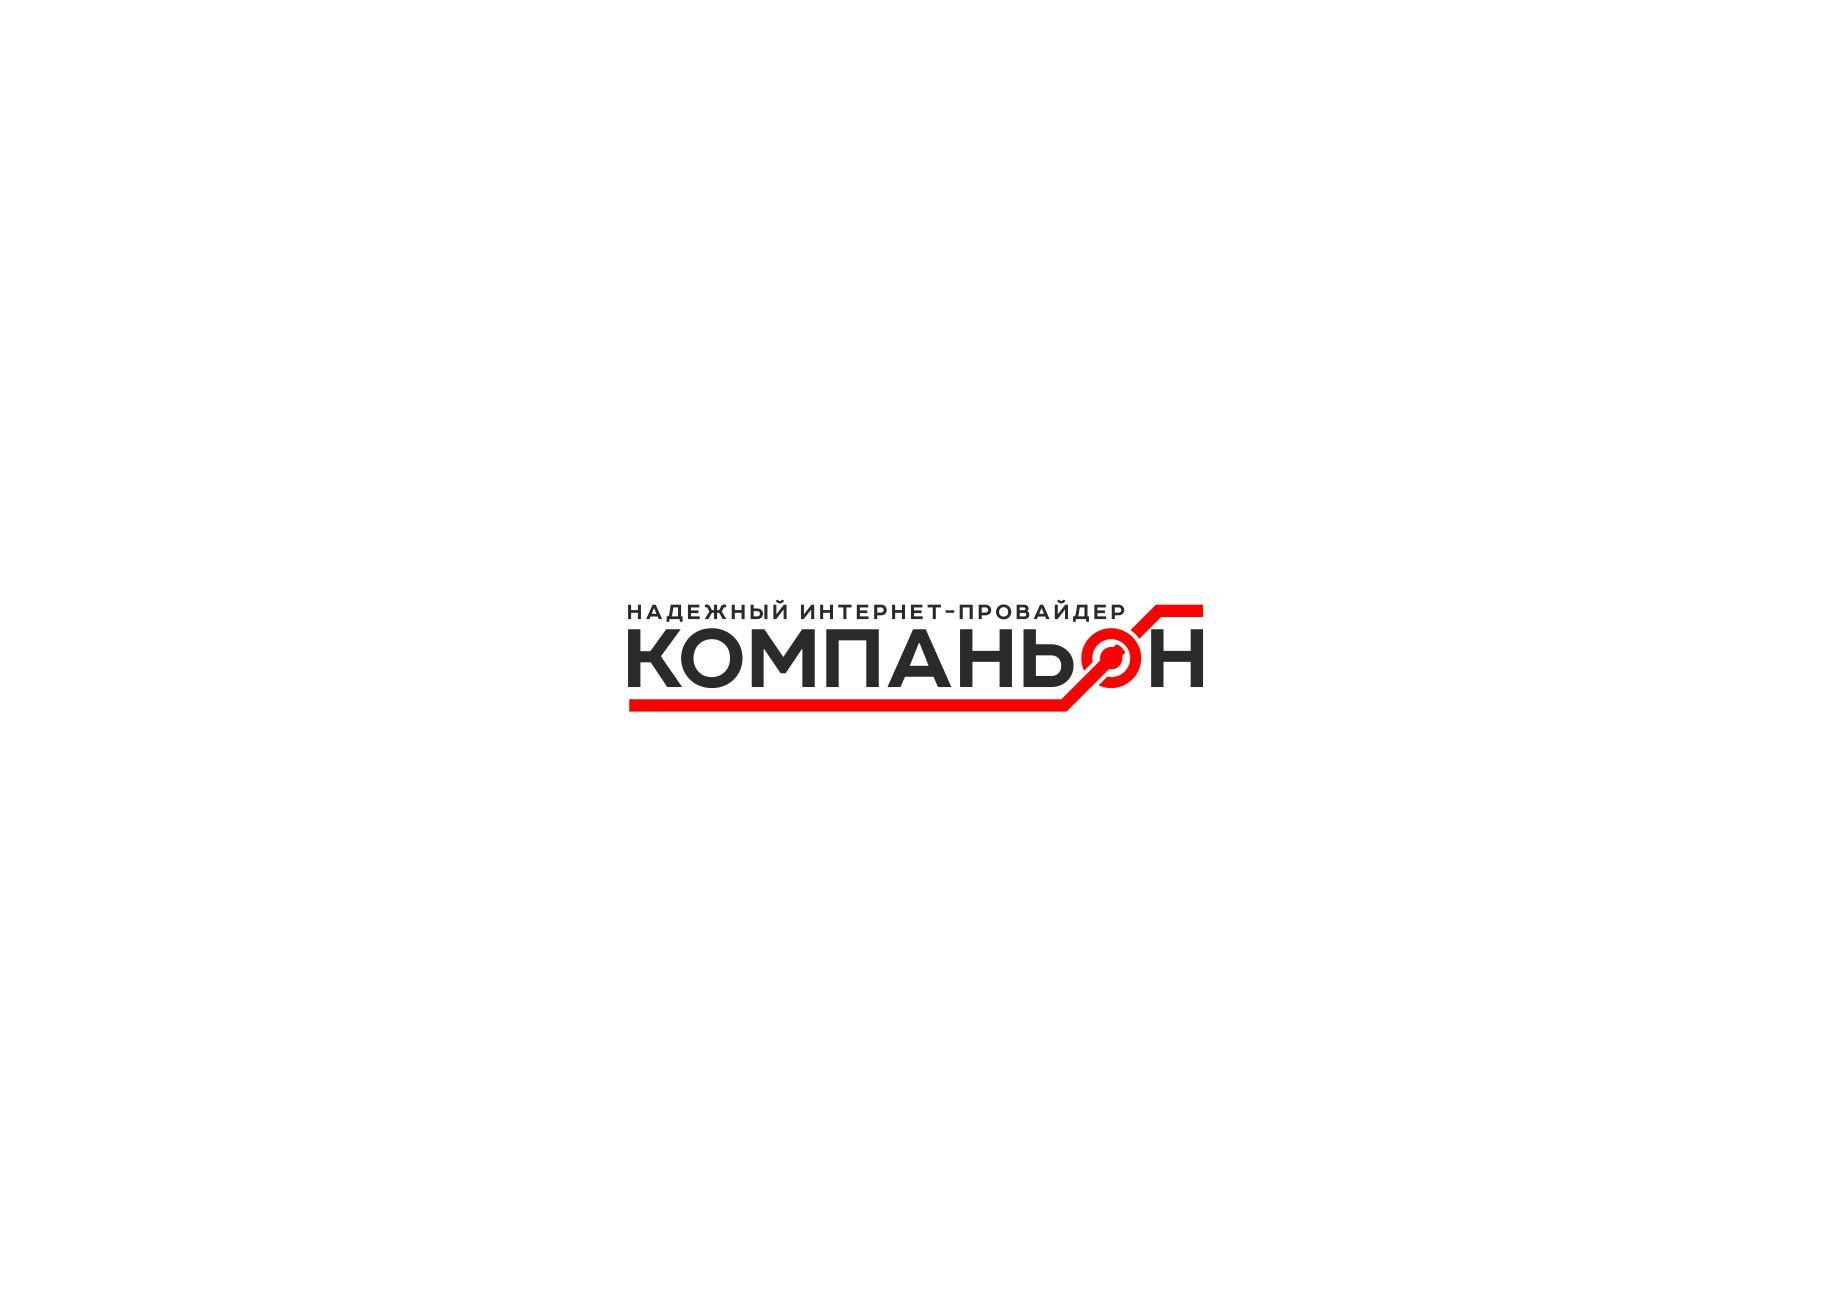 Логотип компании фото f_0975b6b00b417042.jpg